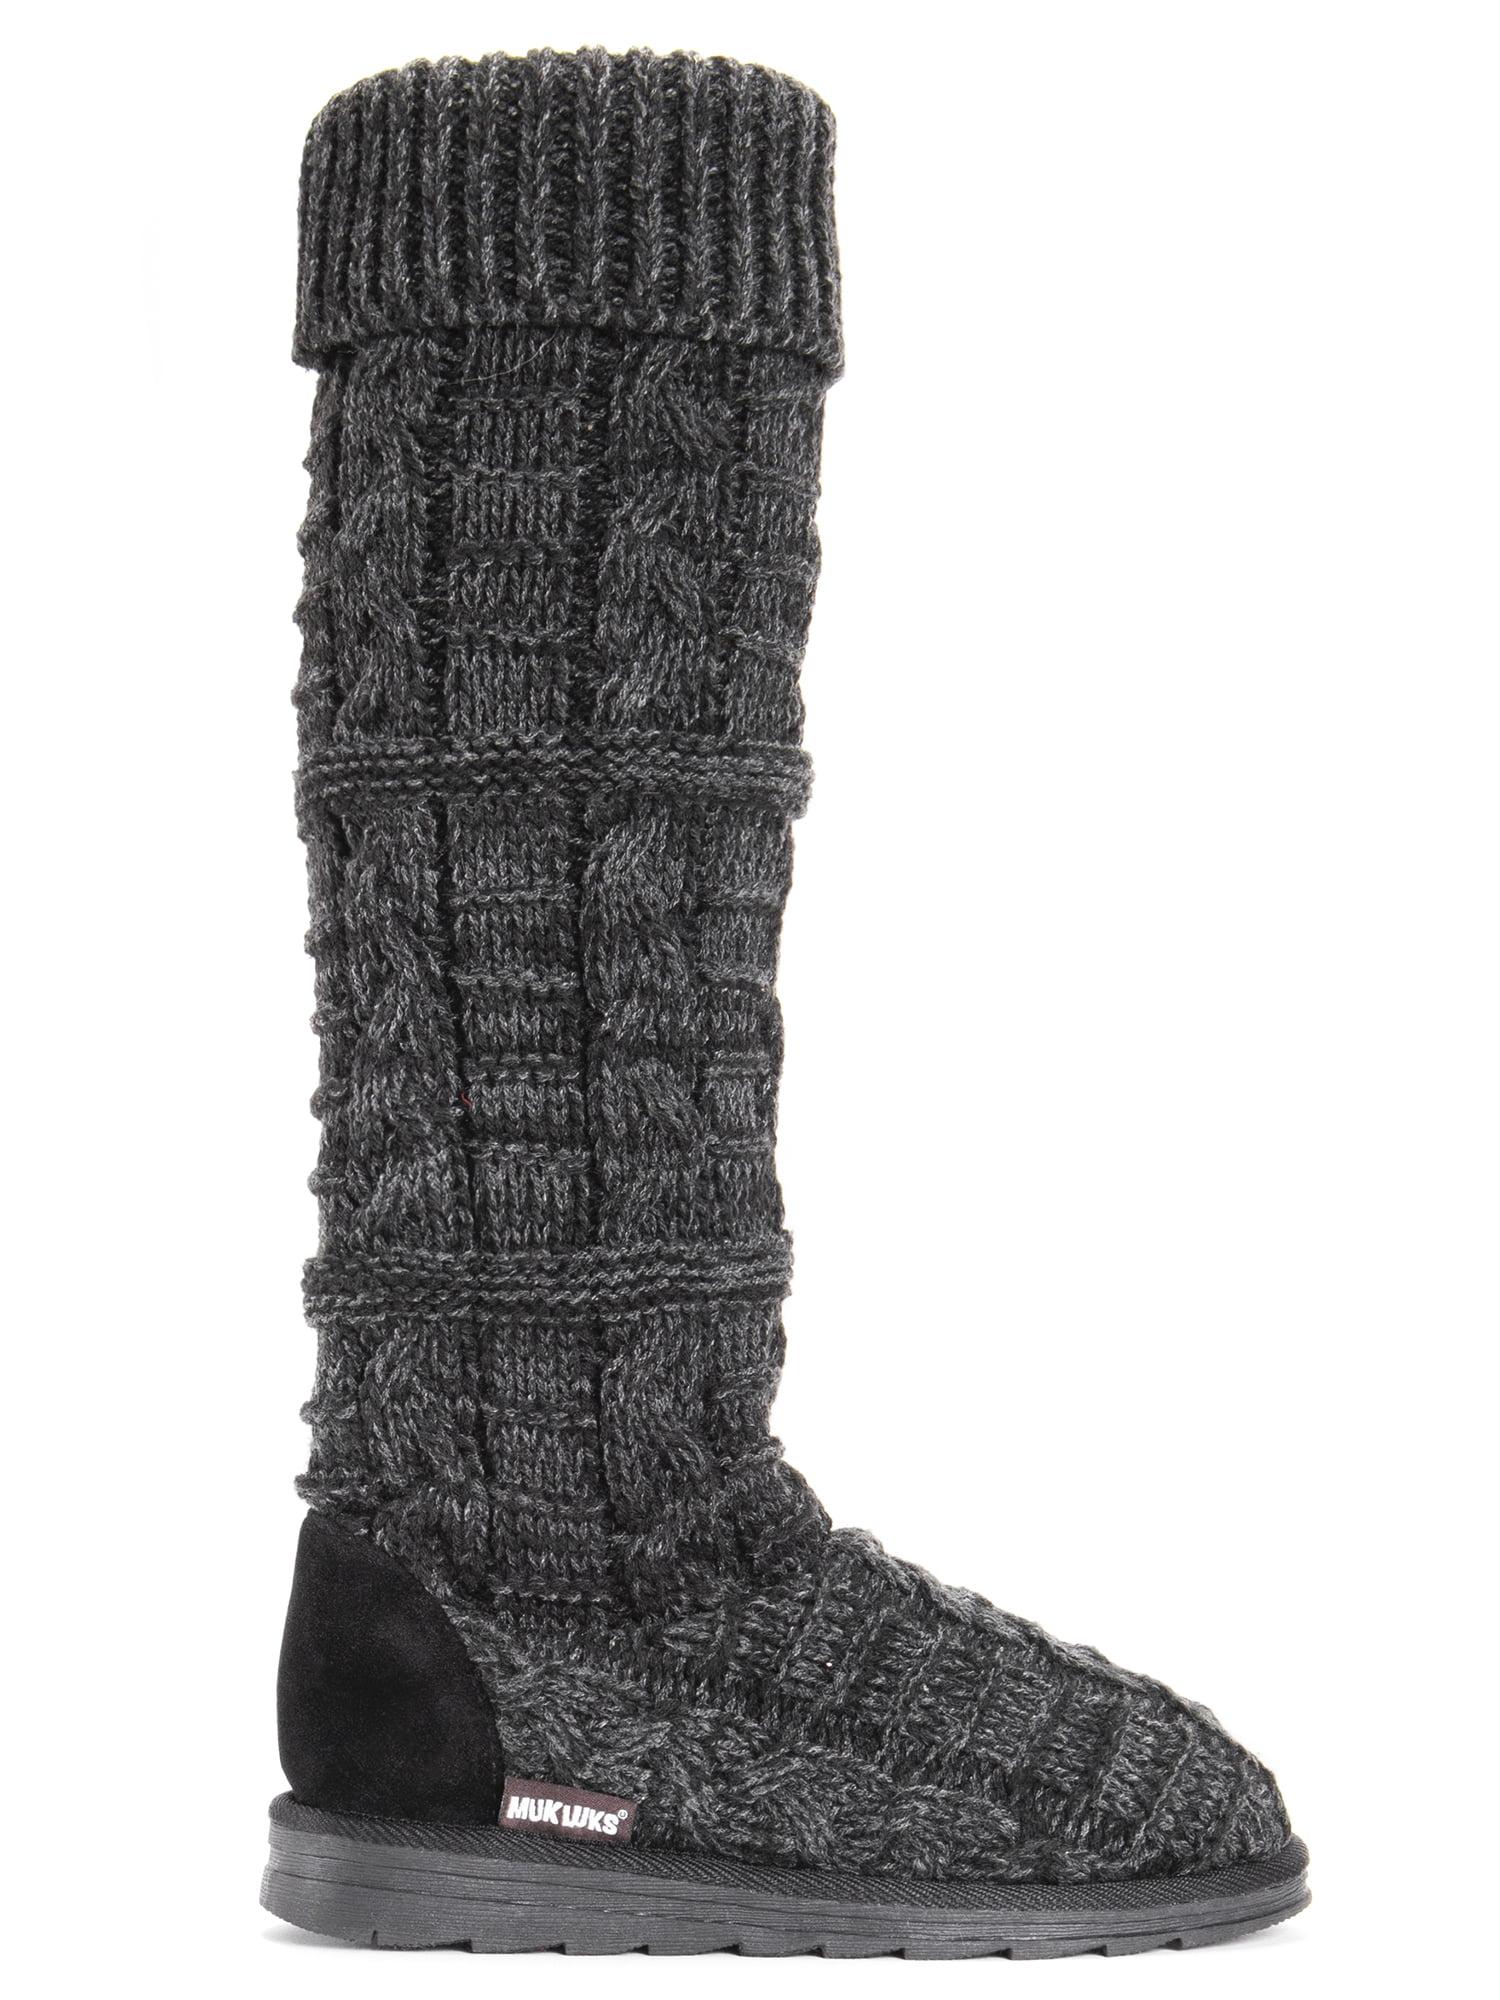 c41fb435265 Muk Luks - MUK LUKS® Women s Shelly Boots - Walmart.com